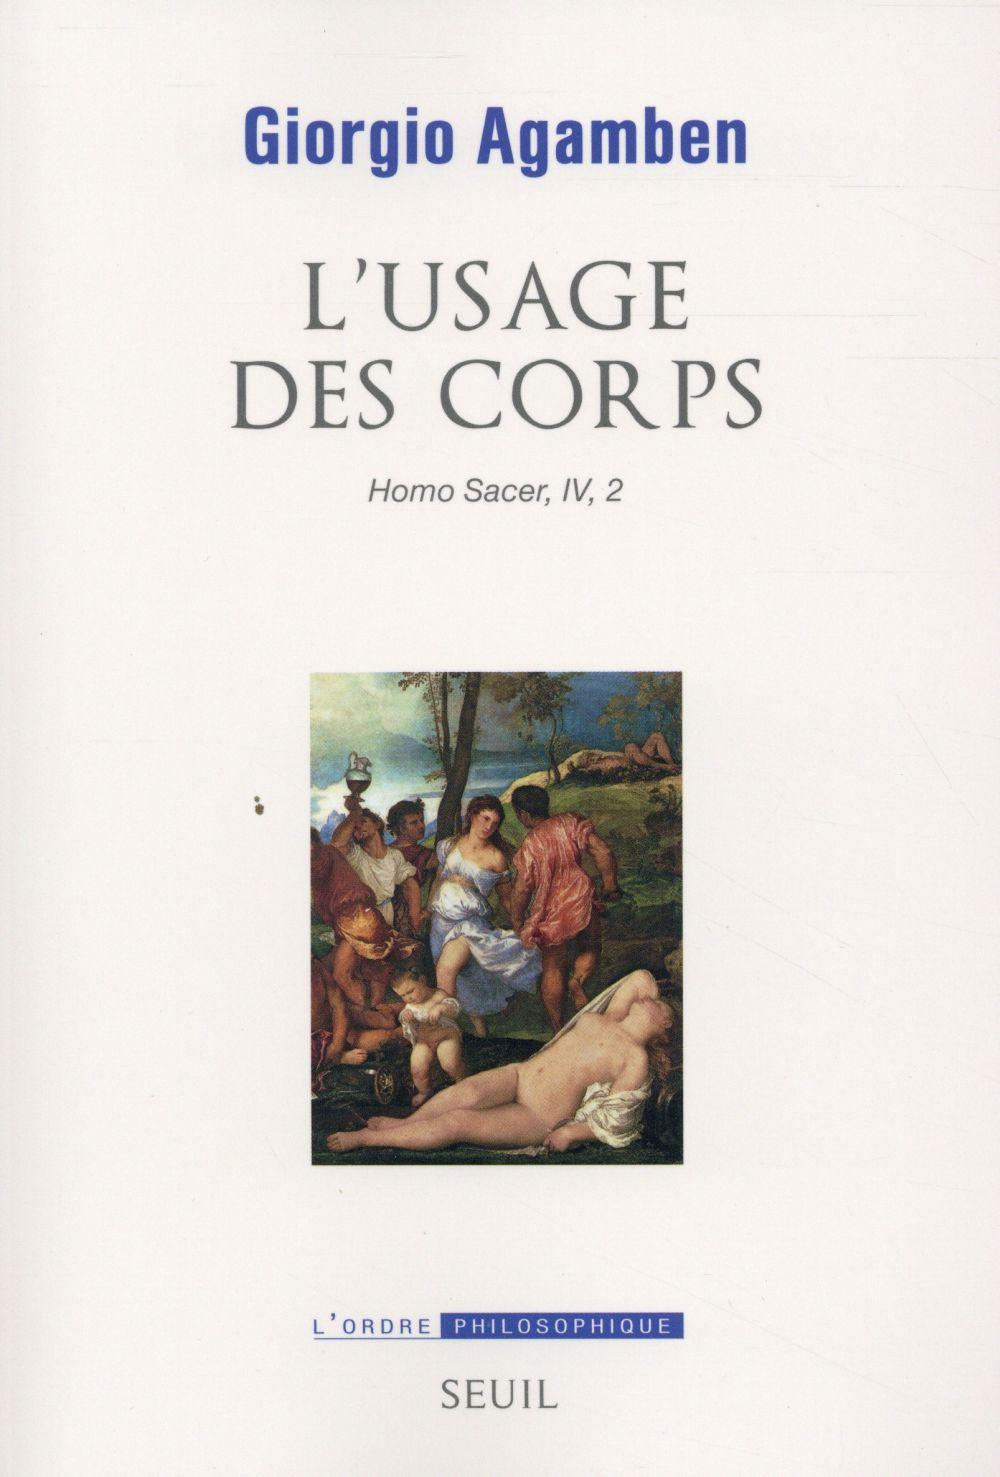 L'USAGE DES CORPS. HOMO SACER IV 2